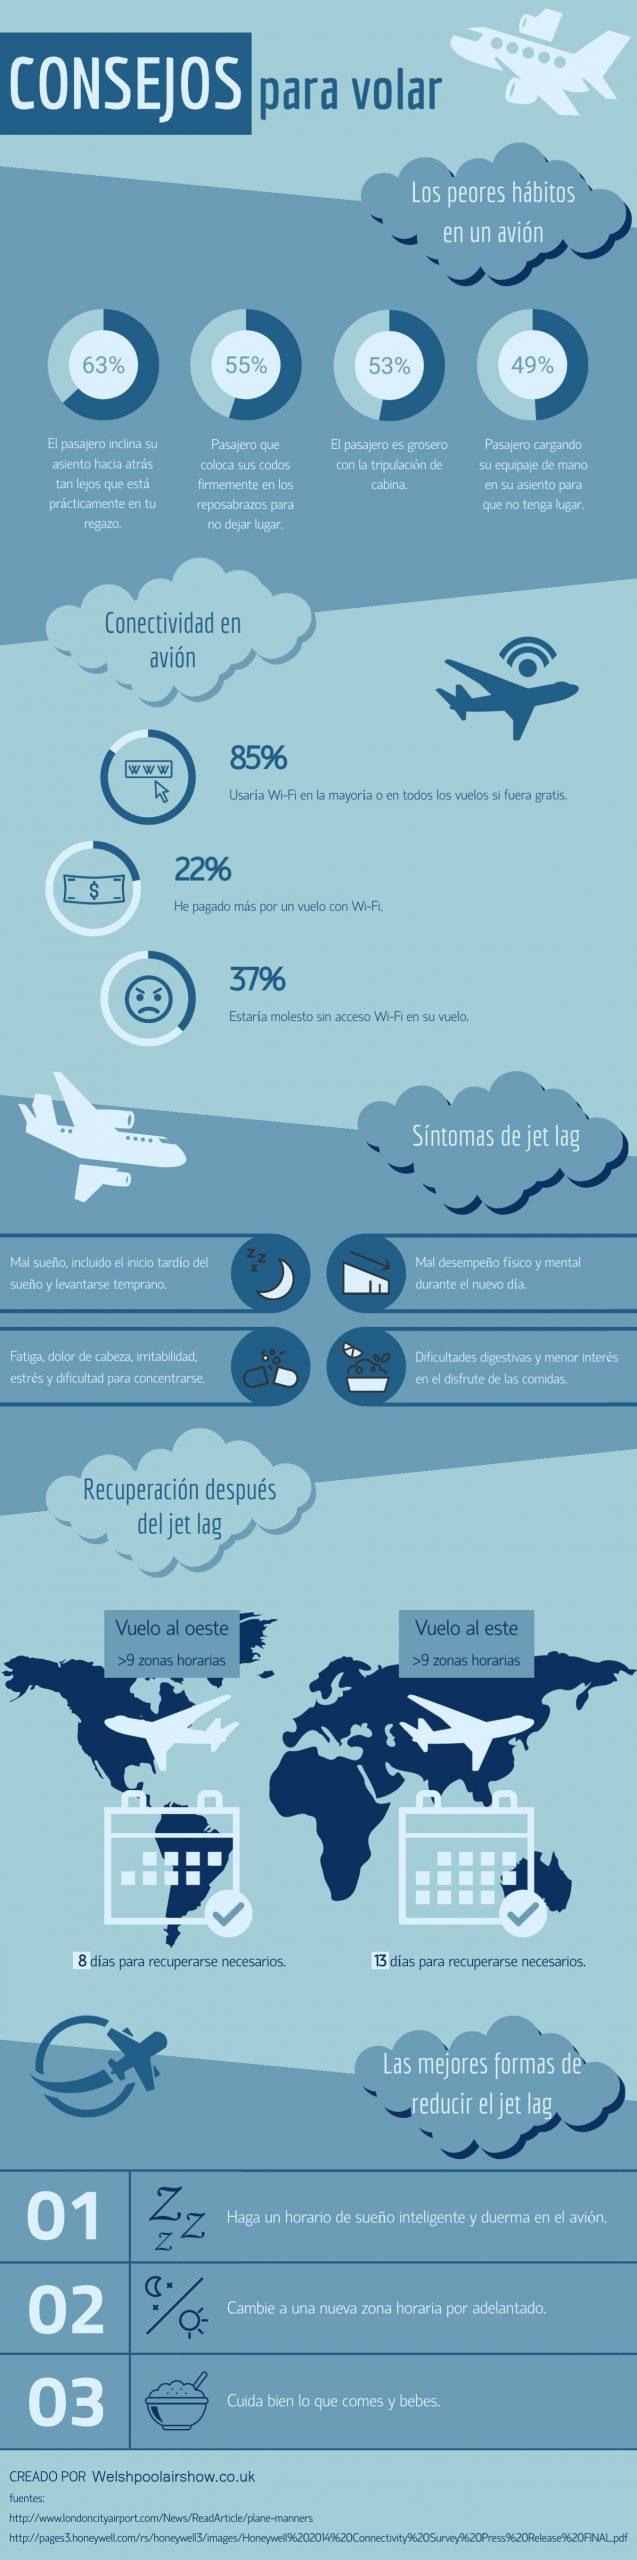 Consejos para volar infografia